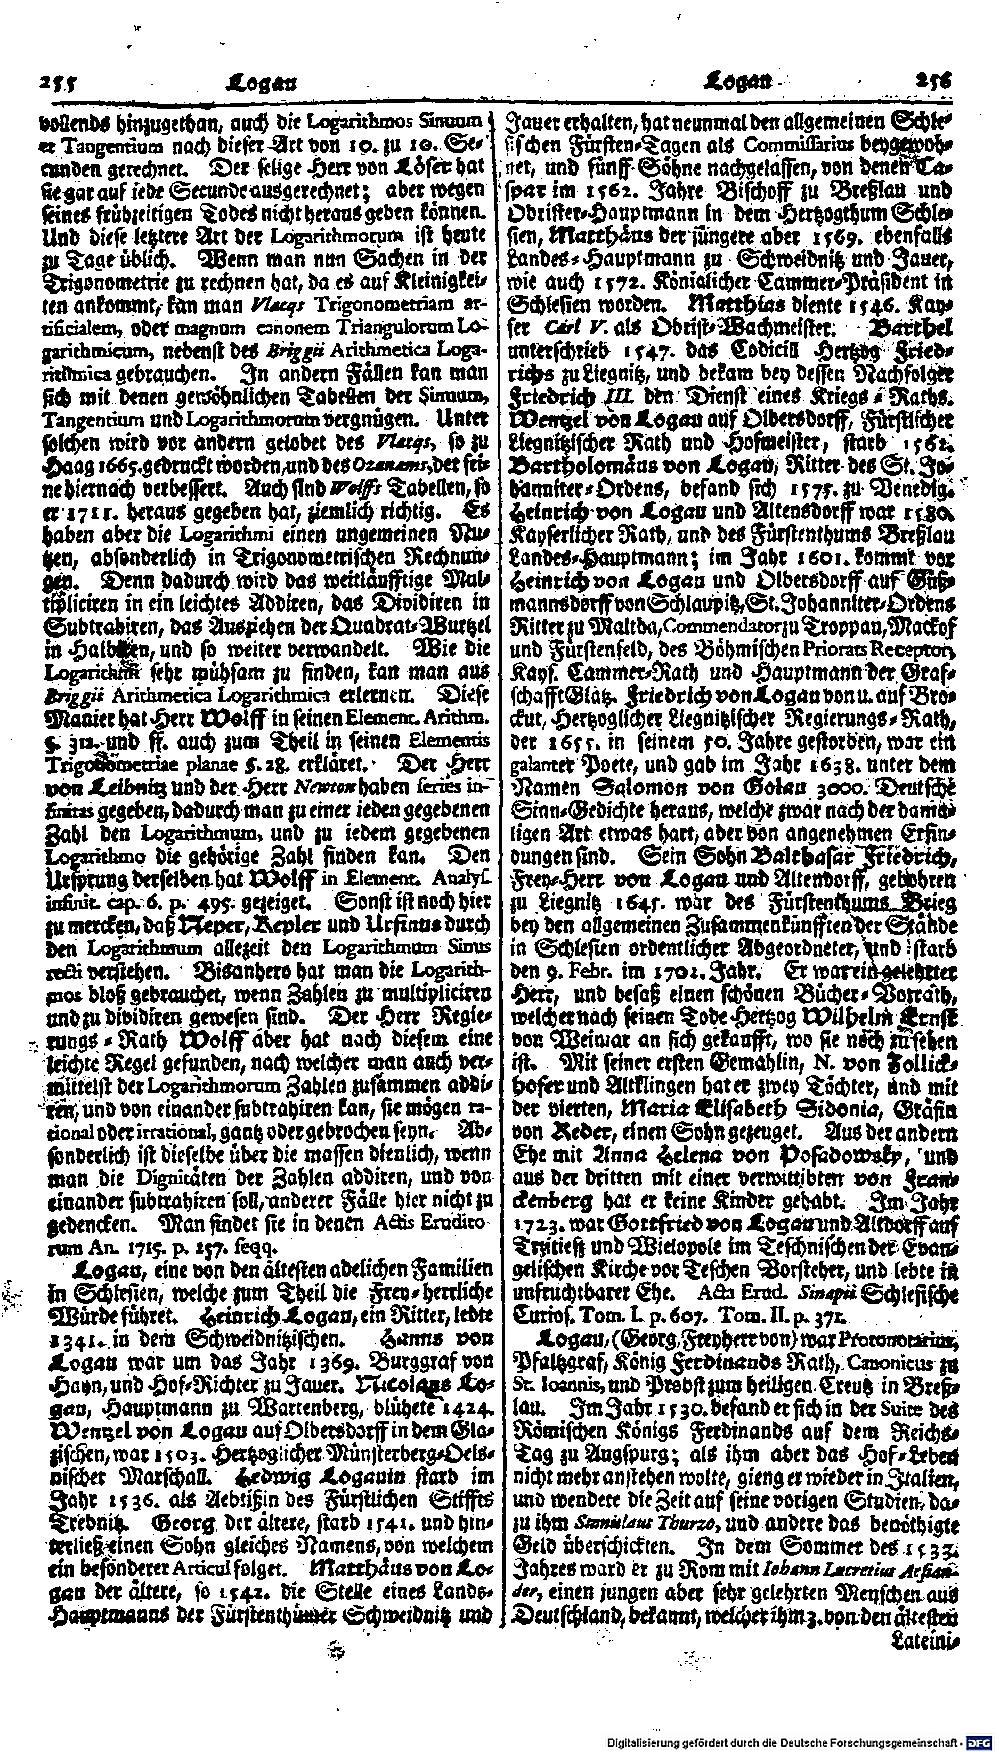 Bd. 18, Seite 0143.